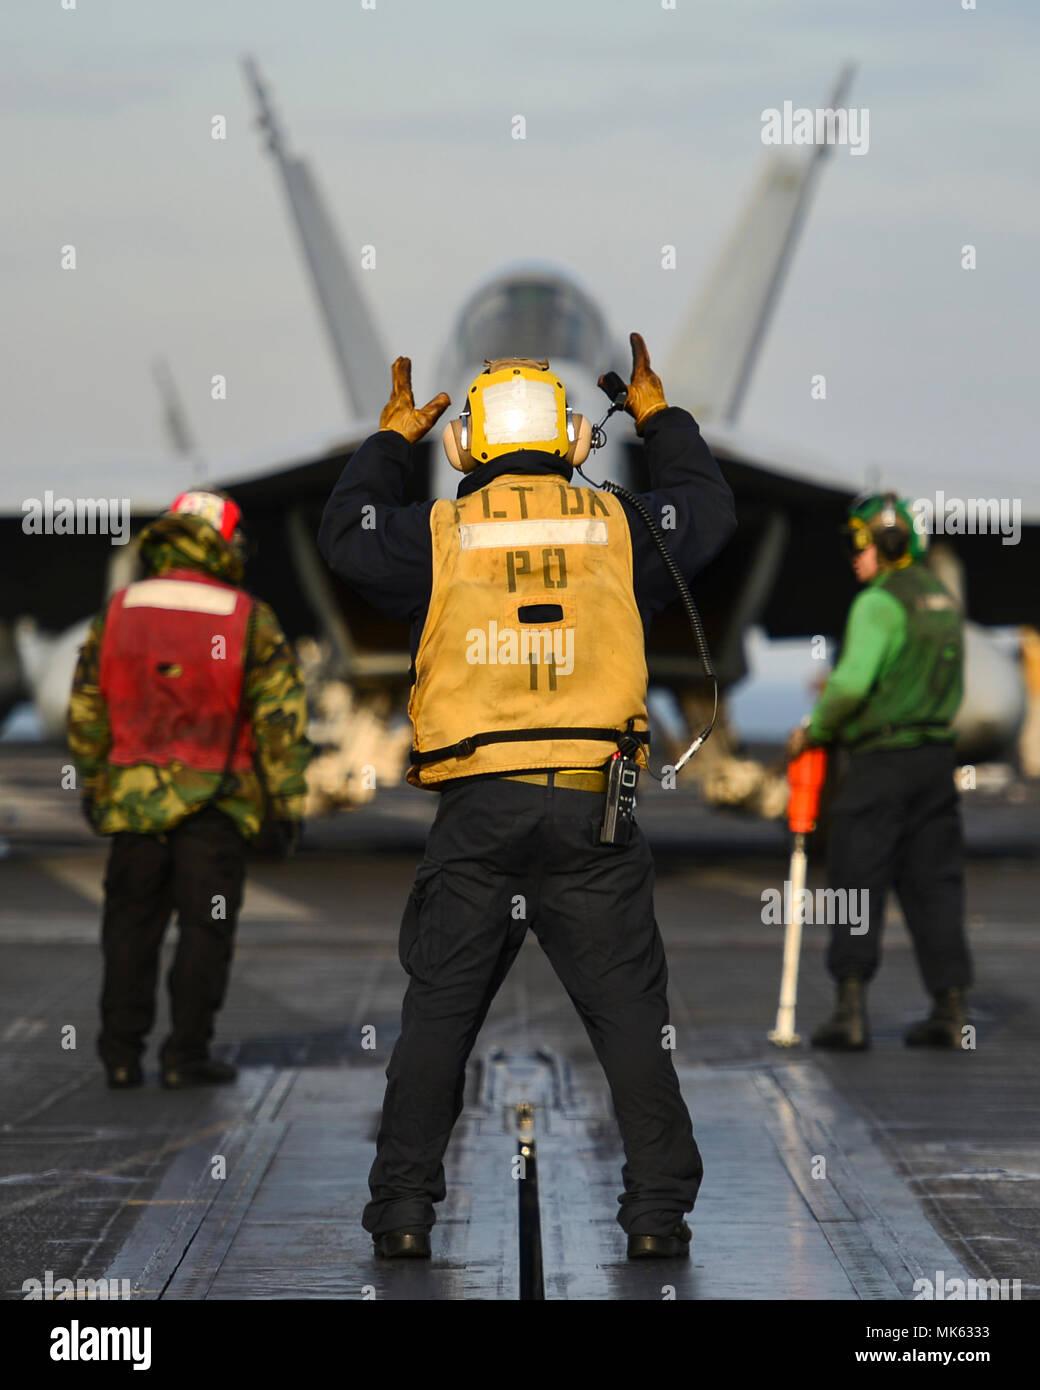 171113-N-JH 929-115 WESTERN PACIFIC (Nov. 13, 2017) Segler Durchführung Flugbetrieb auf dem Flugdeck an Bord der Flugzeugträger USS Nimitz (CVN 68). Der Nimitz Carrier Strike Group ist in regelmäßigen Bereitstellung in den USA 7 Flotte Bereich für Maßnahmen zur Erhöhung der Sicherheit des Seeverkehrs und Theater Sicherheit Bemühungen um Zusammenarbeit. Der US-Pazifikflotte hat den Indopazifischen routinemäßig für mehr als 70 Jahre patrouillierten die regionale Sicherheit, Stabilität und Wohlstand. (U.S. Marine Foto von Mass Communication Specialist 3. Klasse Cole Schroeder/Freigegeben) Stockfoto